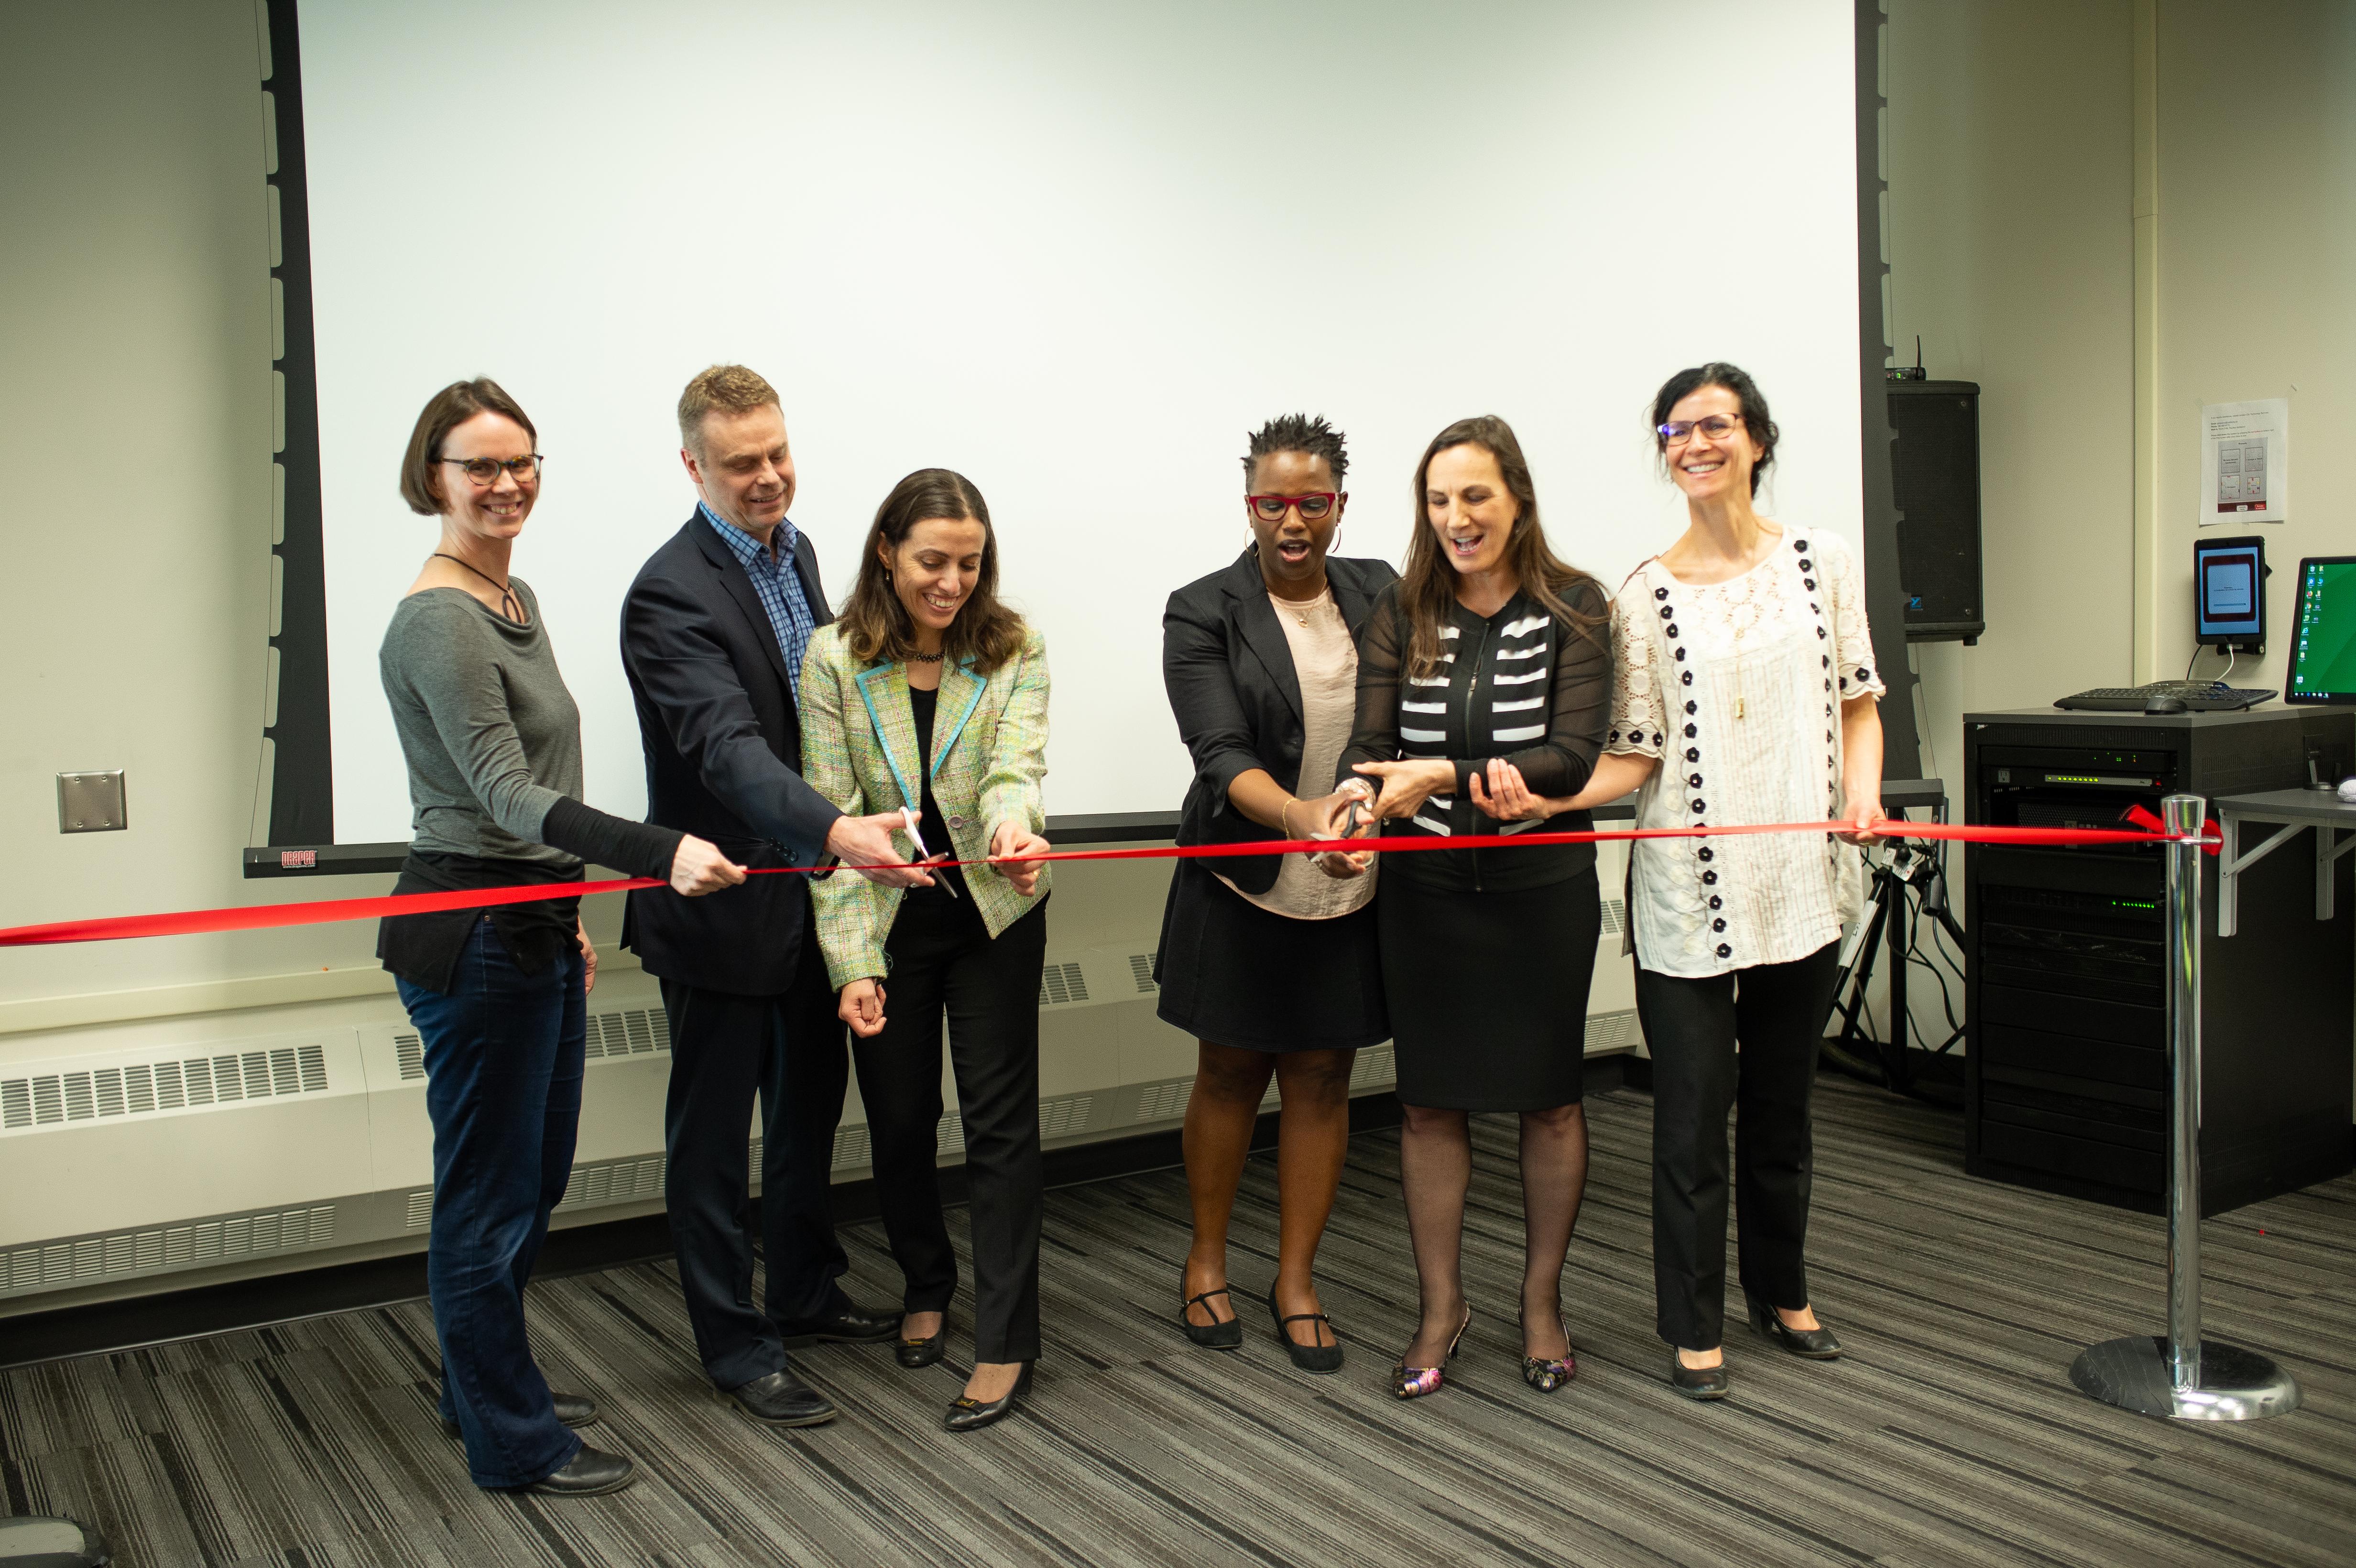 photo de l'équipe de transformation et d'innovation technologique et numérique lors de l'inauguration de la salle de transformation numérique et pédagoqiue du Campus